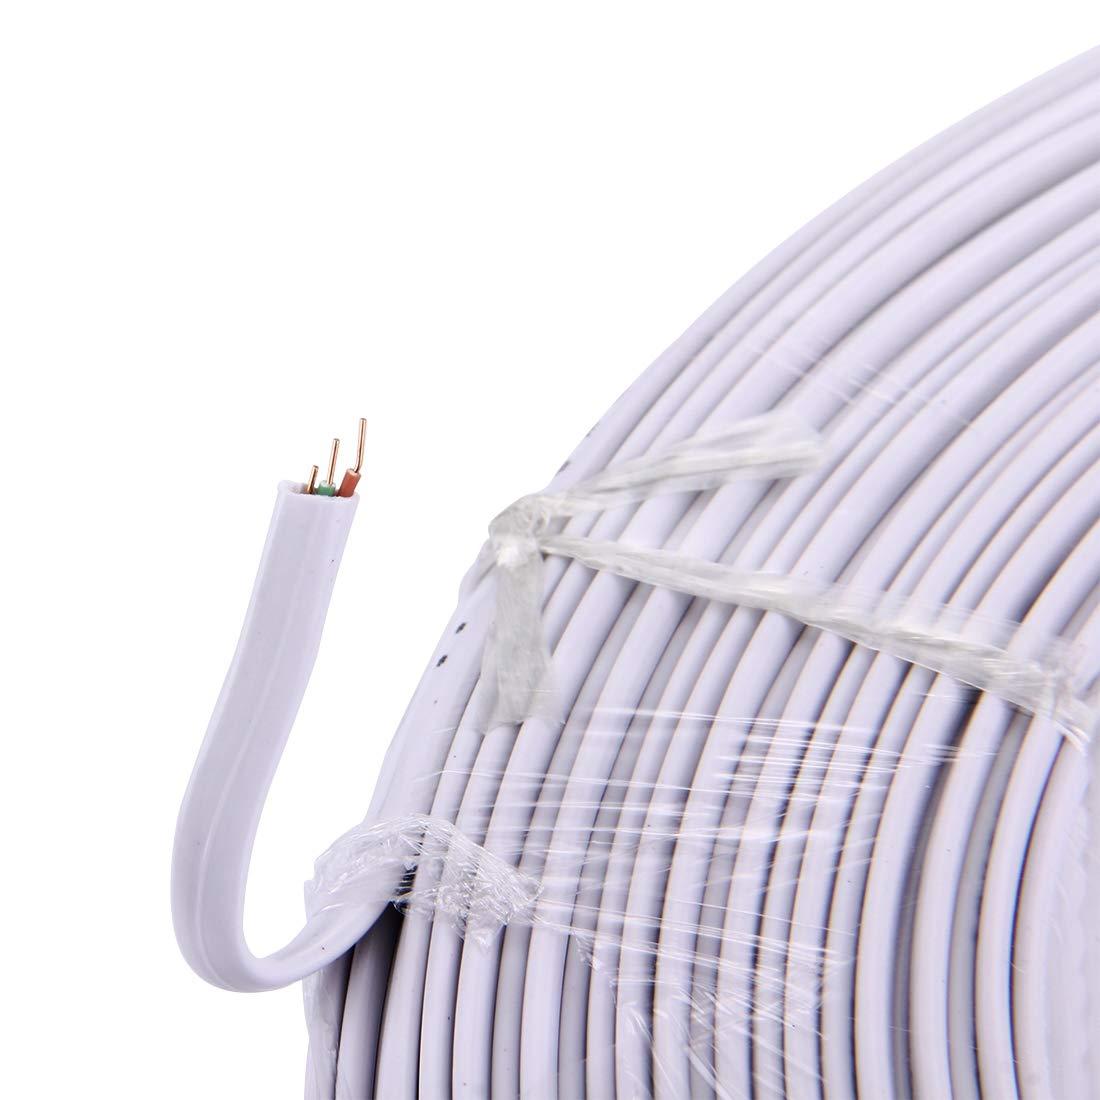 JINYANG RJ11 to RJ11 4 core Telephone Cable Length: 120M